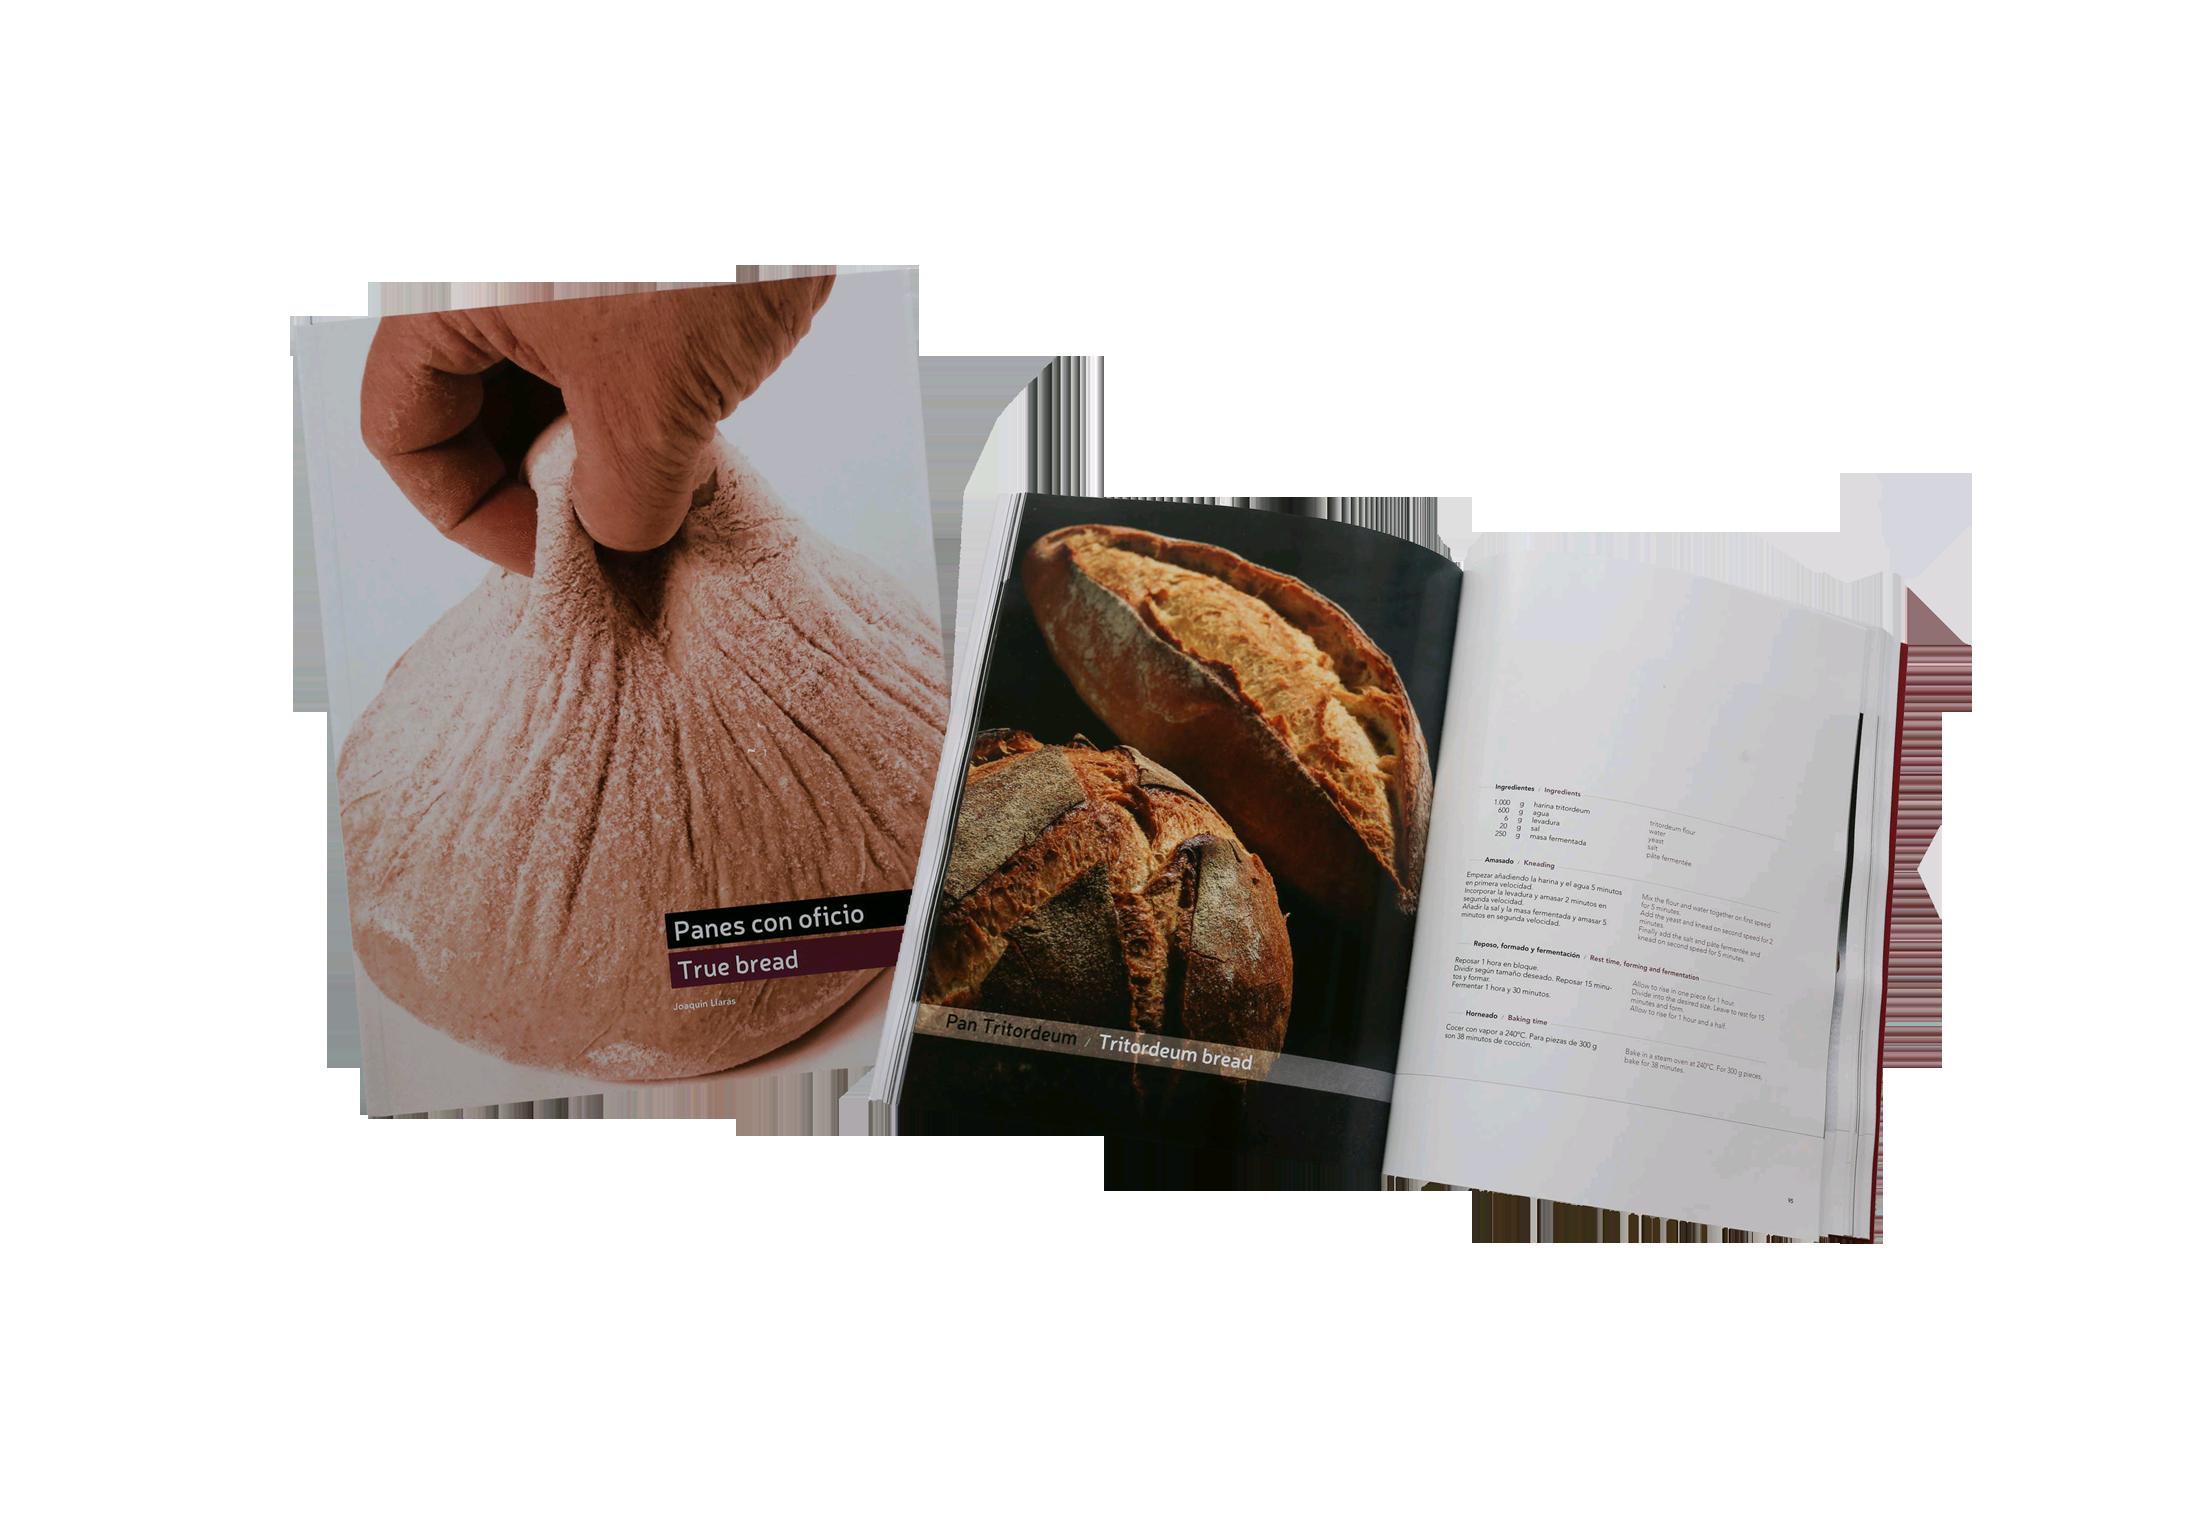 Food book: Panes con Oficio - bread recipes from Spain